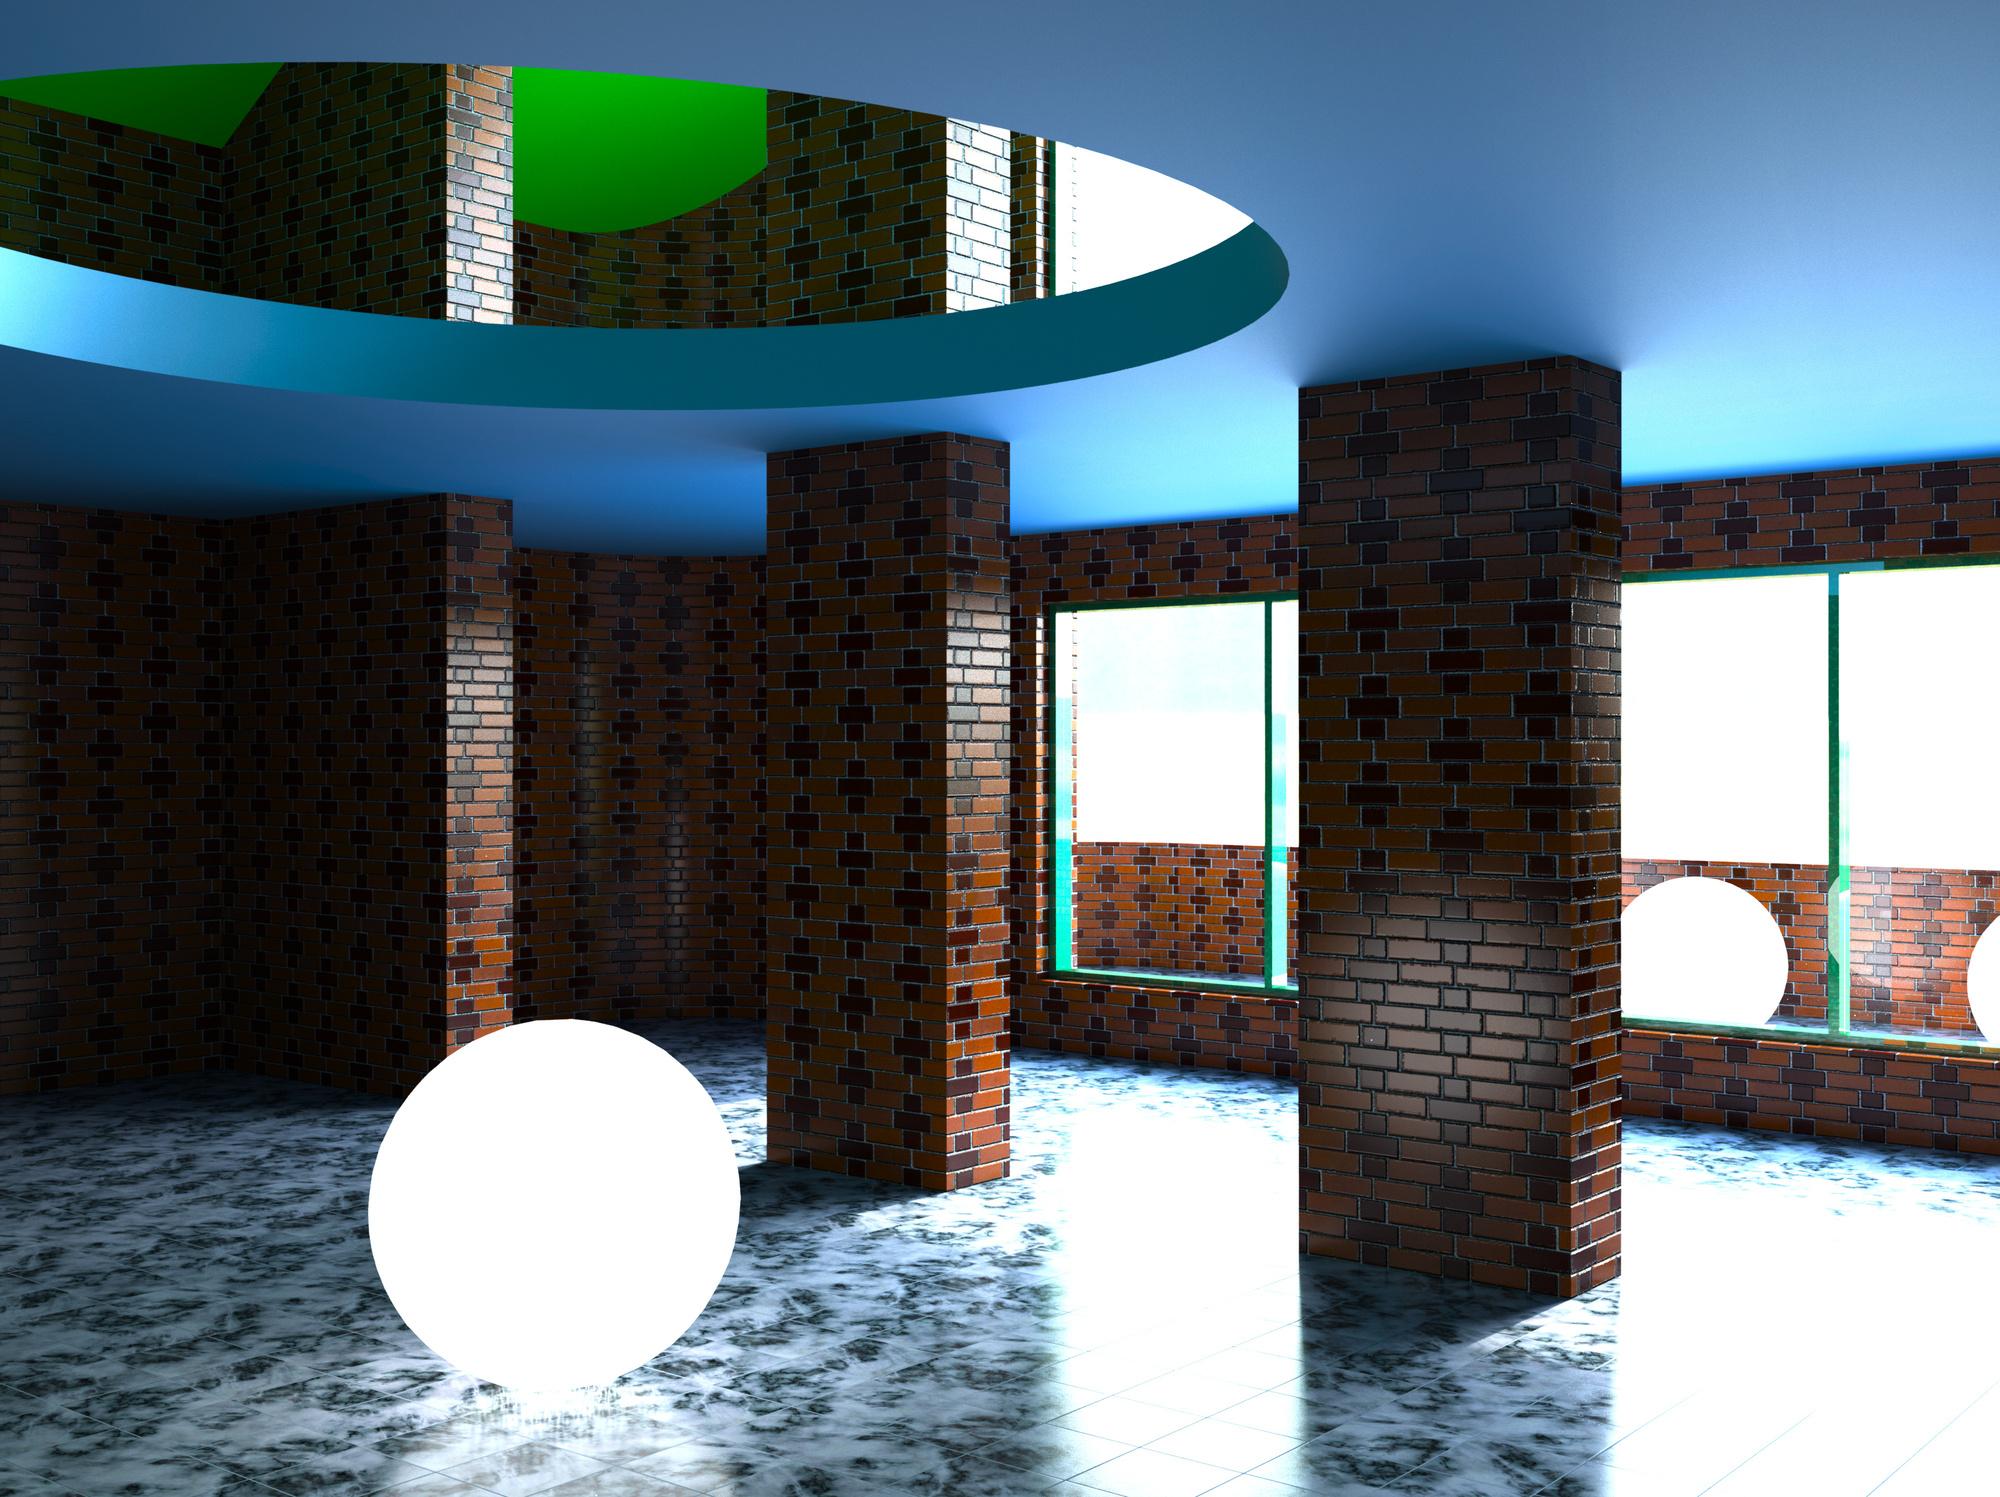 Raas-rendering20150125-6837-12nobvj